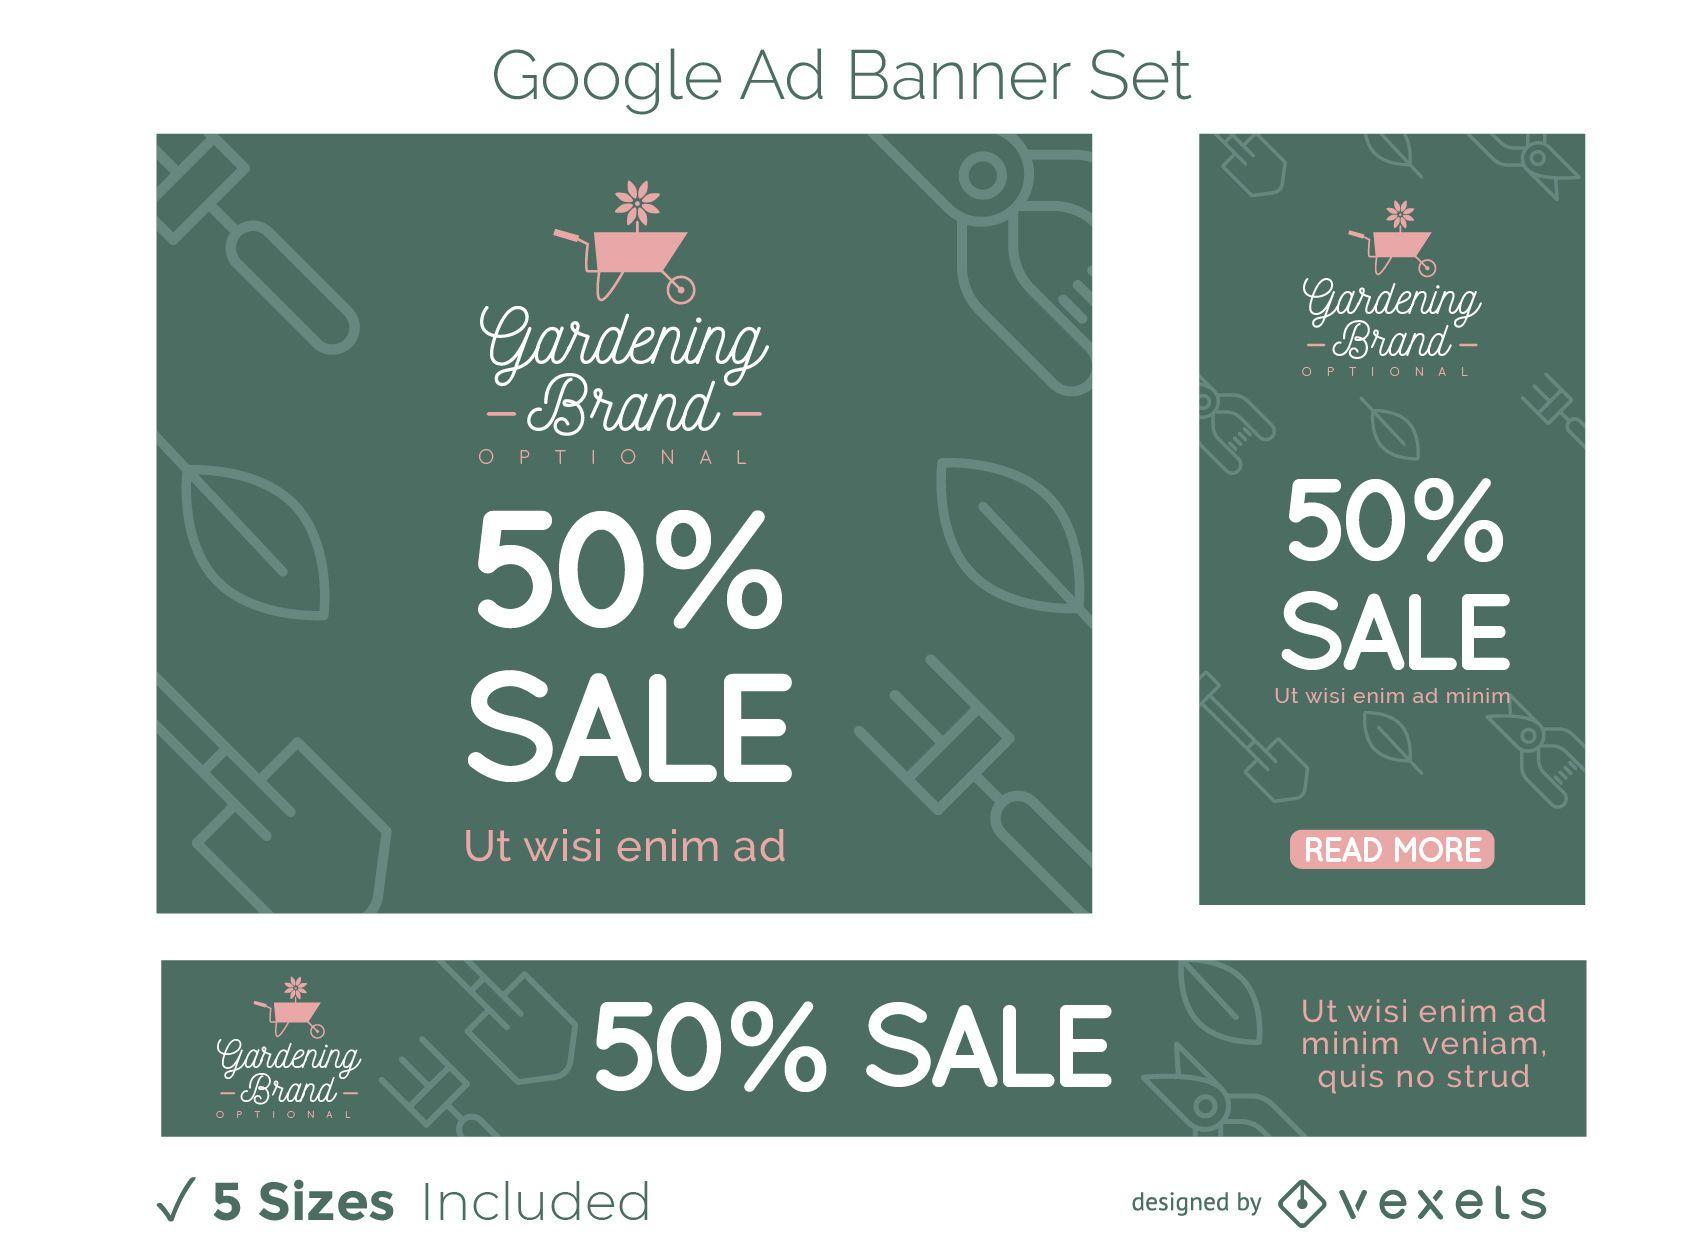 Conjunto de banners de anuncios de Google para empresas de jardinería